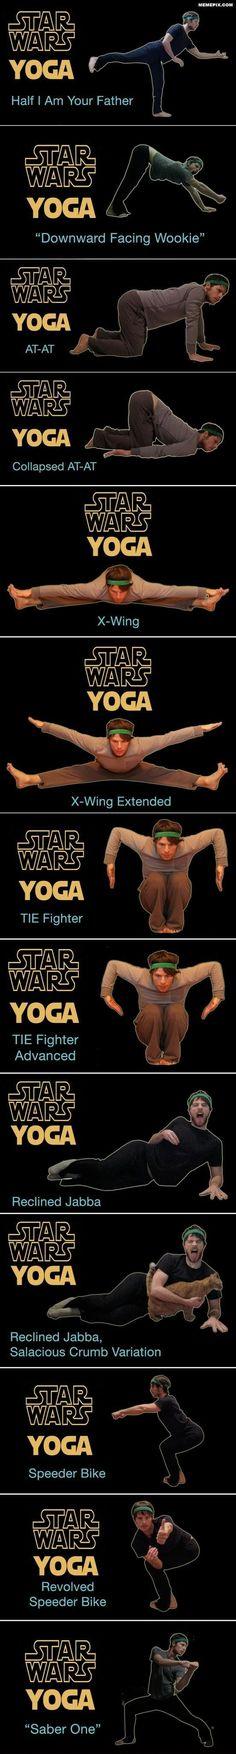 Star Wars Yoga!@Martha Murphy for shaun too haha